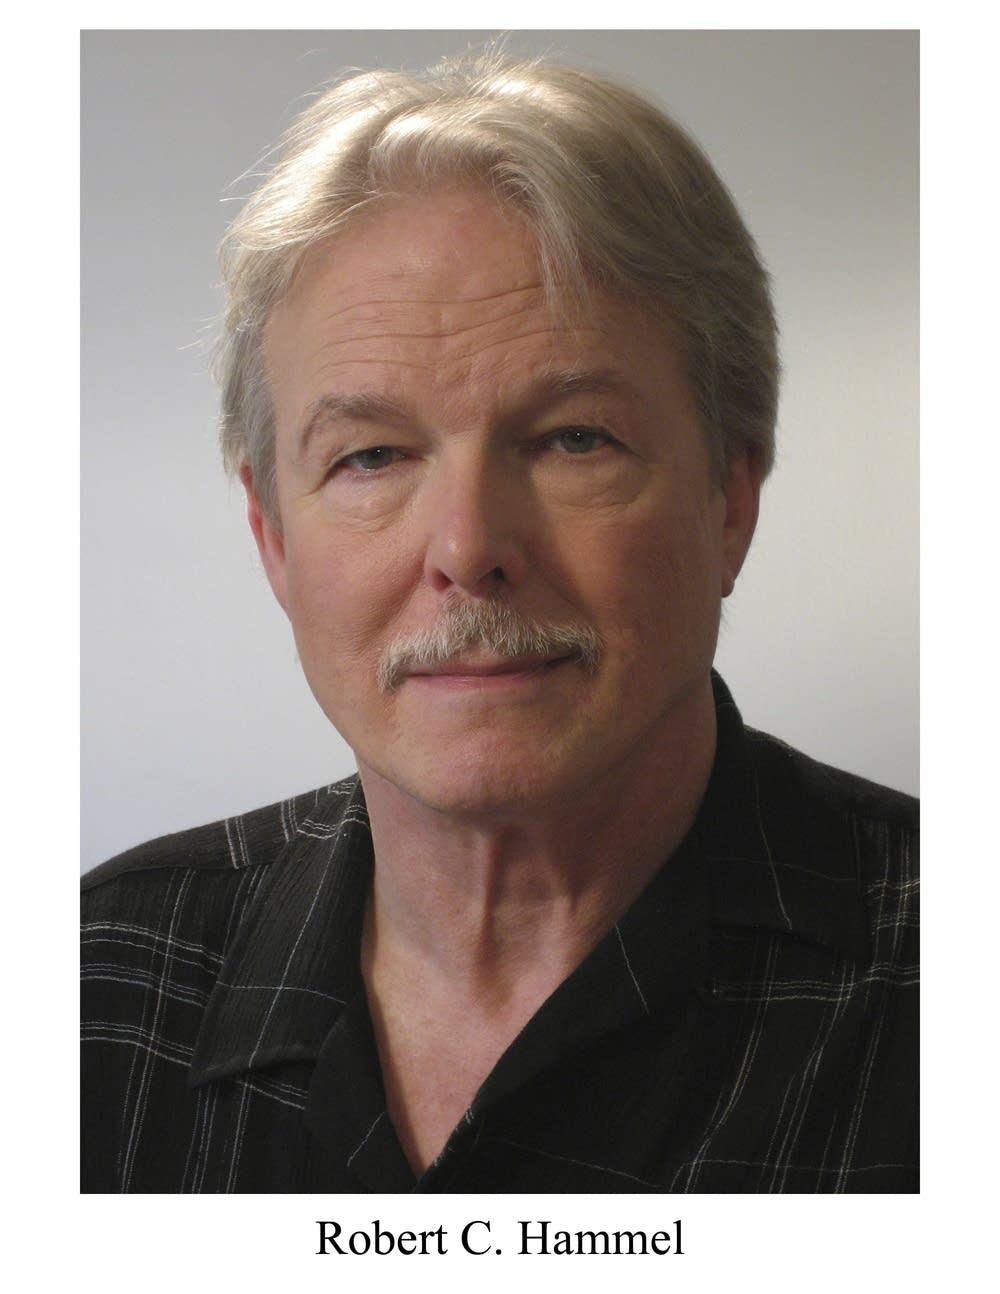 Robert Hammell